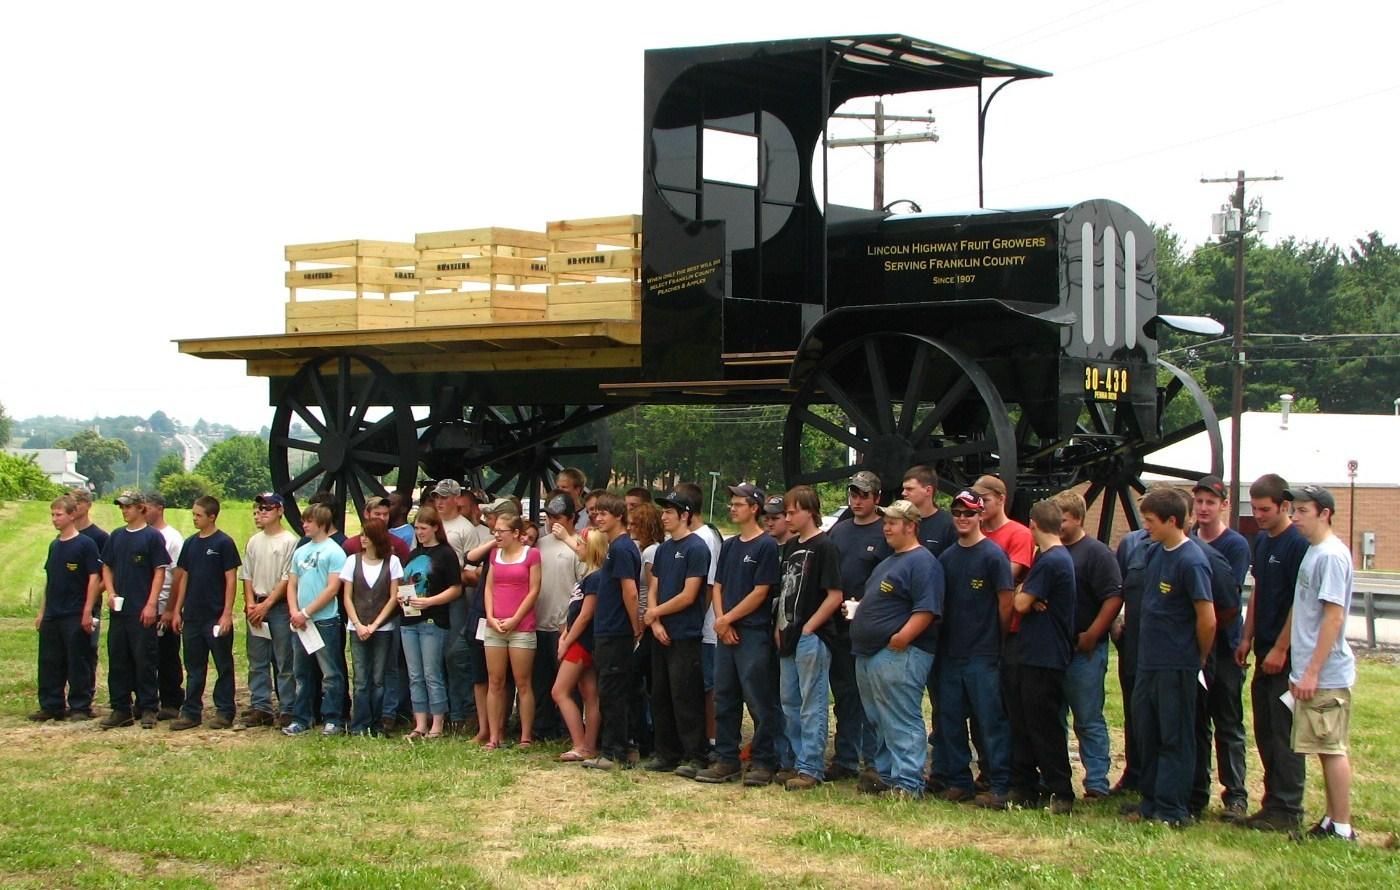 1920 Selden Pick Up Truck